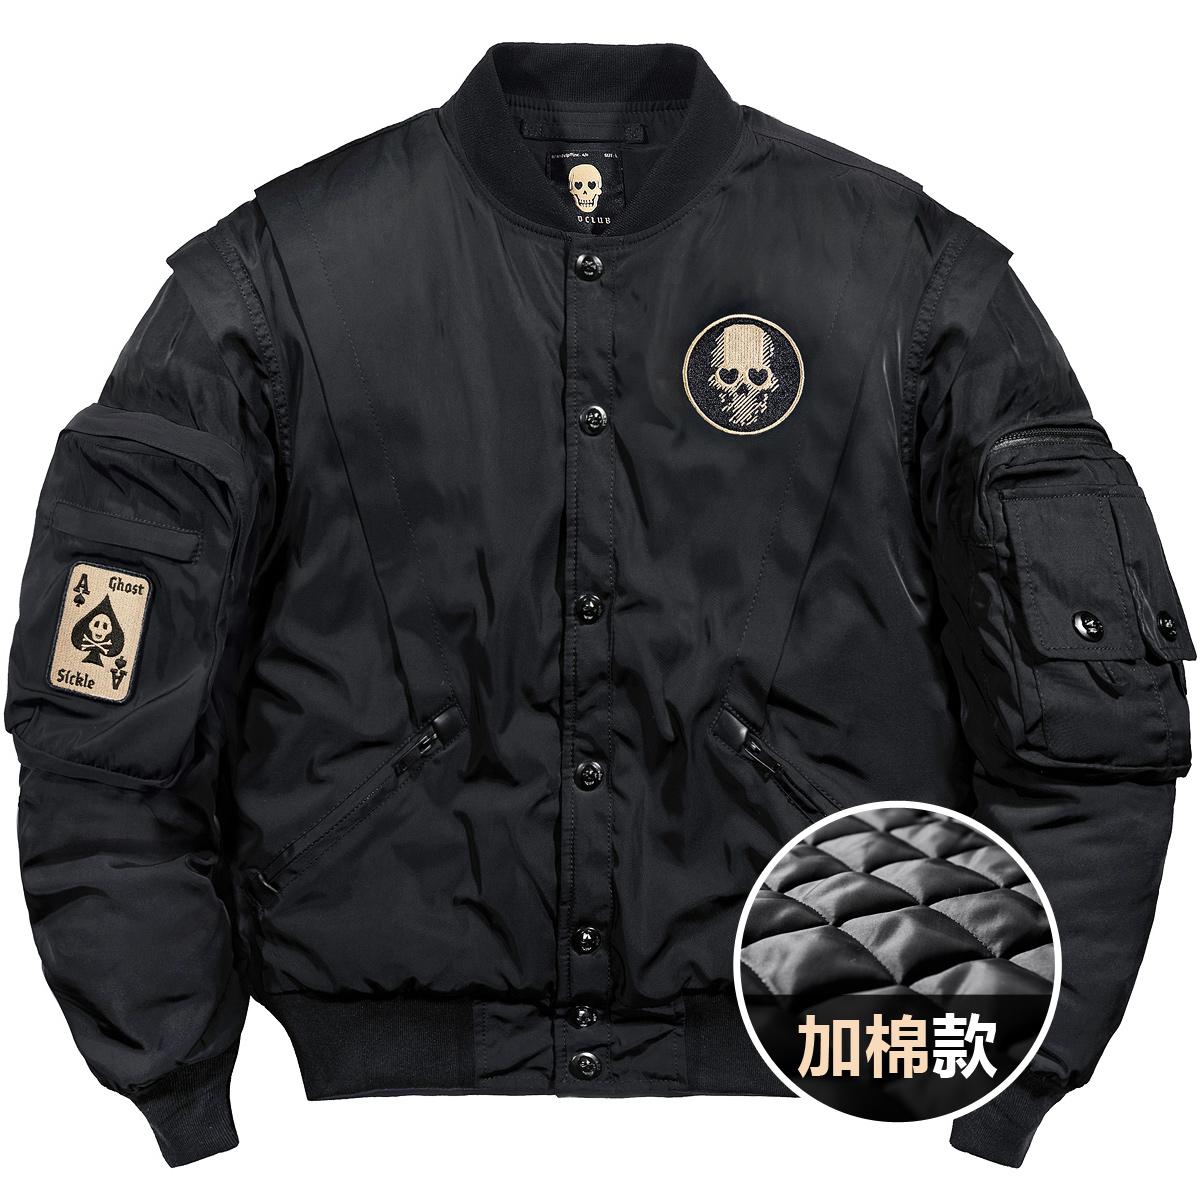 VIP秋冬季飞行员夹克男潮牌宽松工装外套韩版刺绣棒球服加厚棉衣